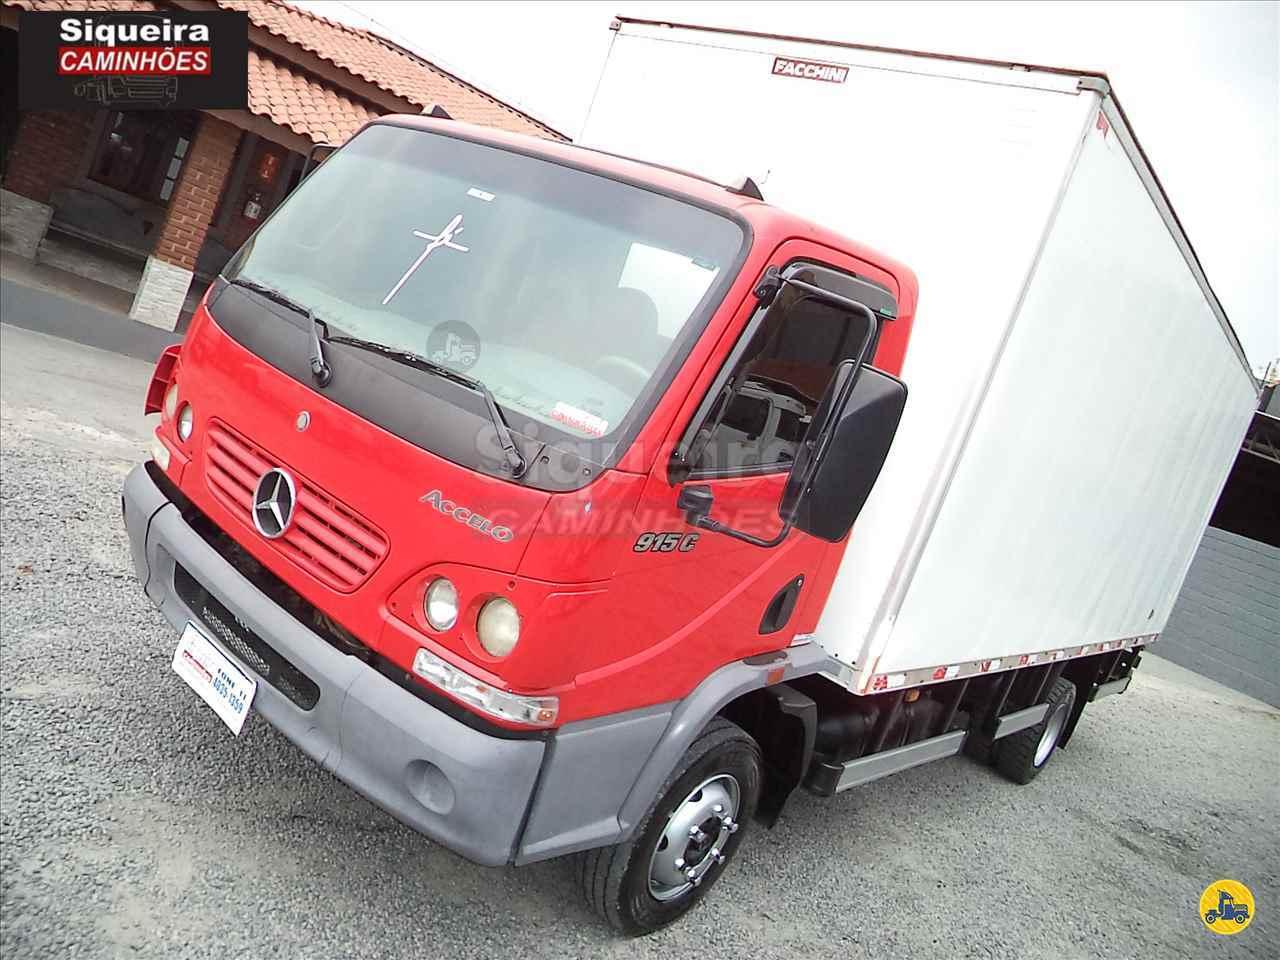 CAMINHAO MERCEDES-BENZ MB 915 Baú Furgão 3/4 4x2 Siqueira Caminhões BRAGANCA PAULISTA SÃO PAULO SP